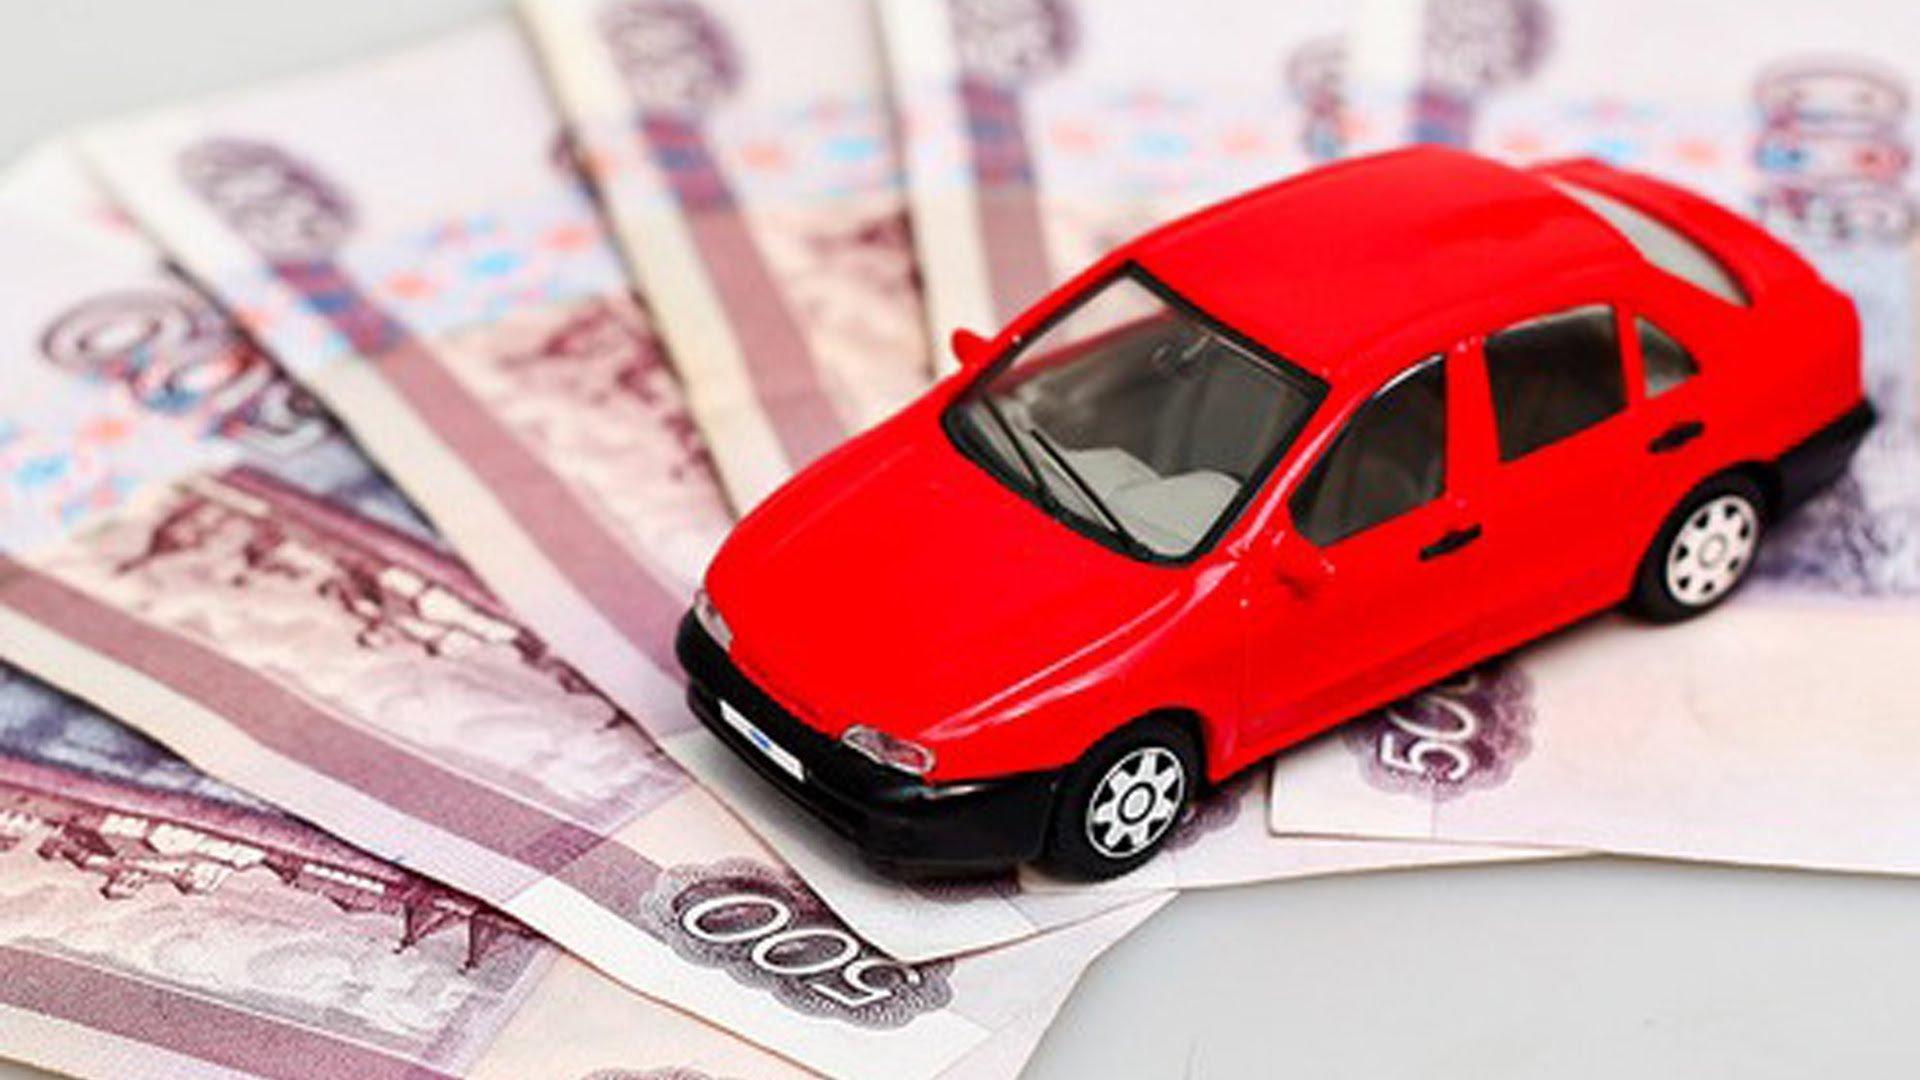 Замесяц 18 компаний скорректировали цена наавтомобиле  для рынка Российской Федерации